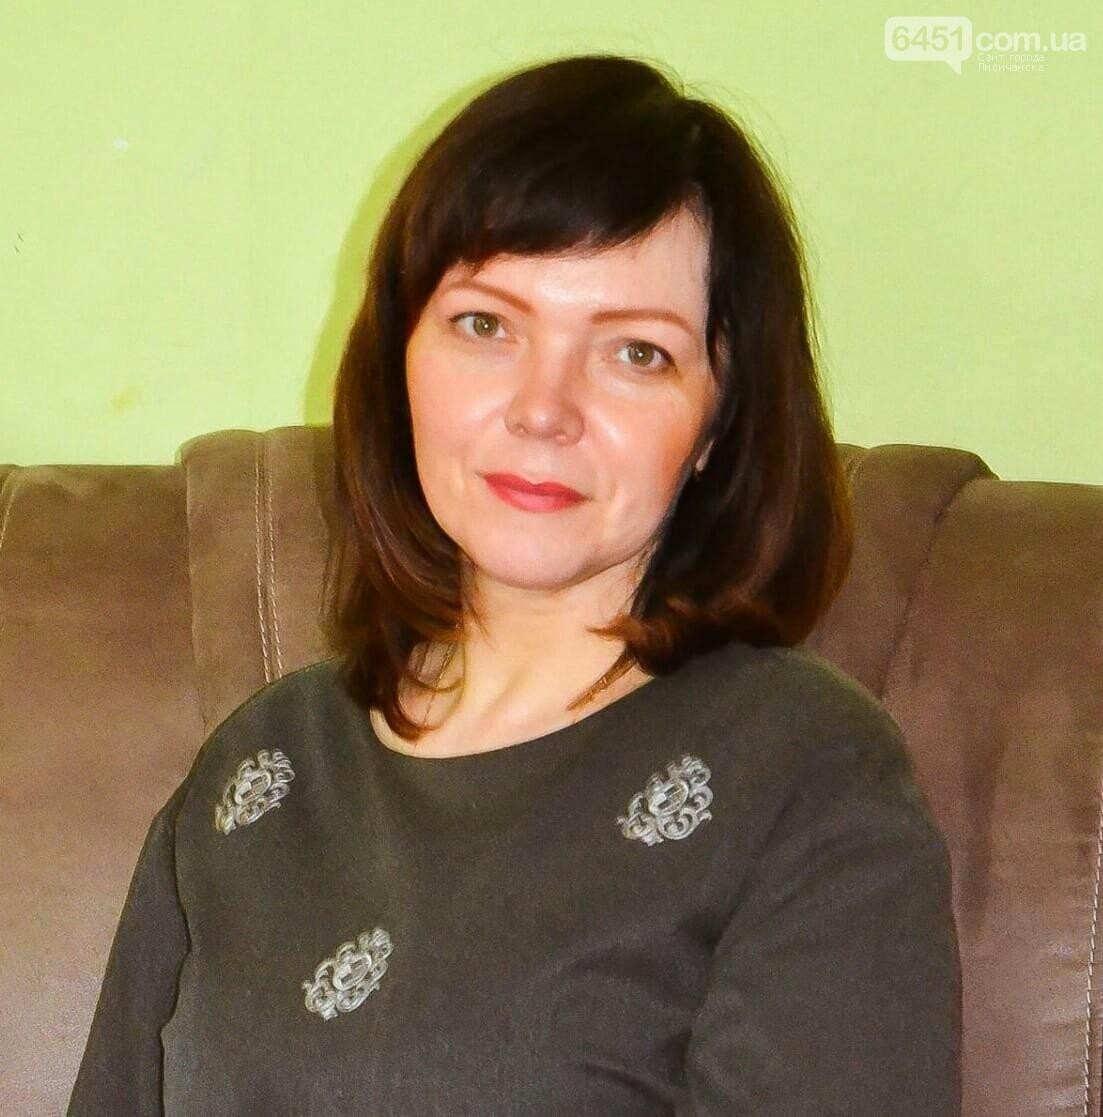 Профессия по зову сердца. Интервью с директором Лисичанского центра социально-психологической реабилитации детей, фото-1